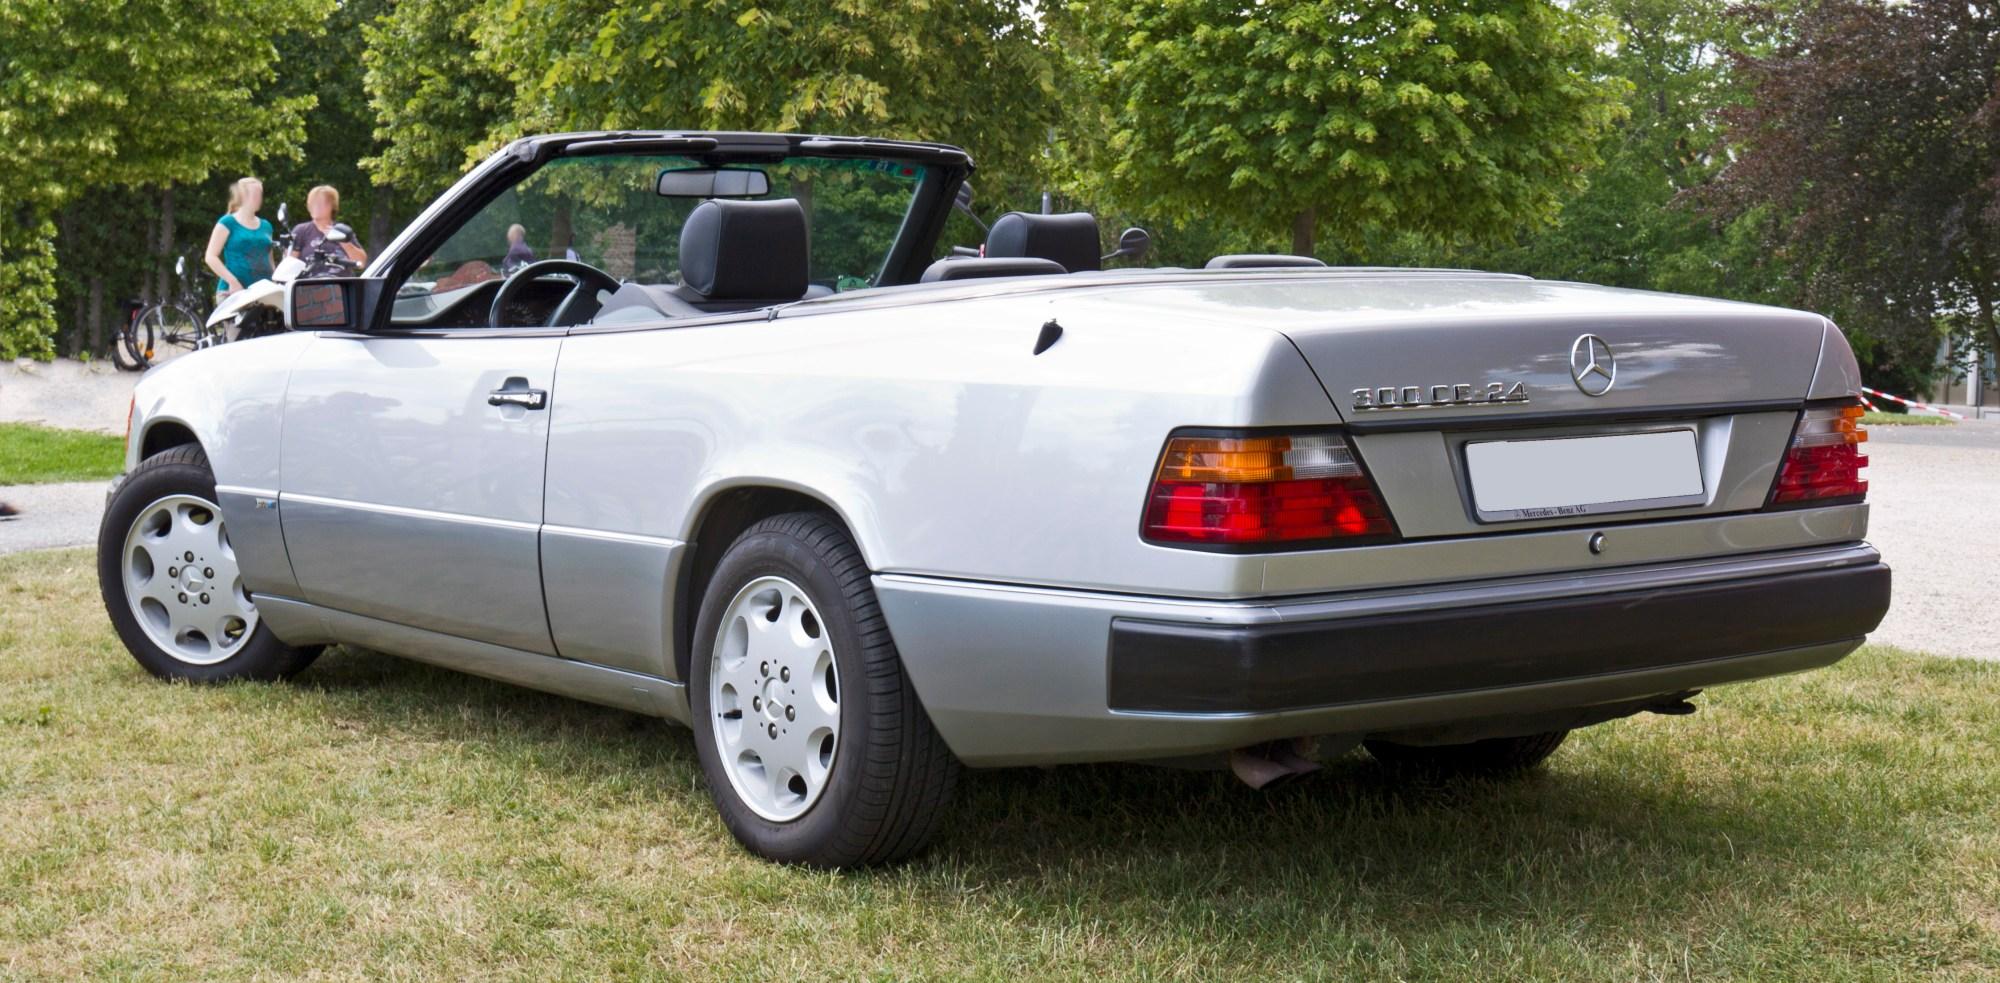 hight resolution of 1992 mercedes benz 300e mercedes benz 300e engine 1990 mercedes 300e wiring diagram 1989 300e mercedes